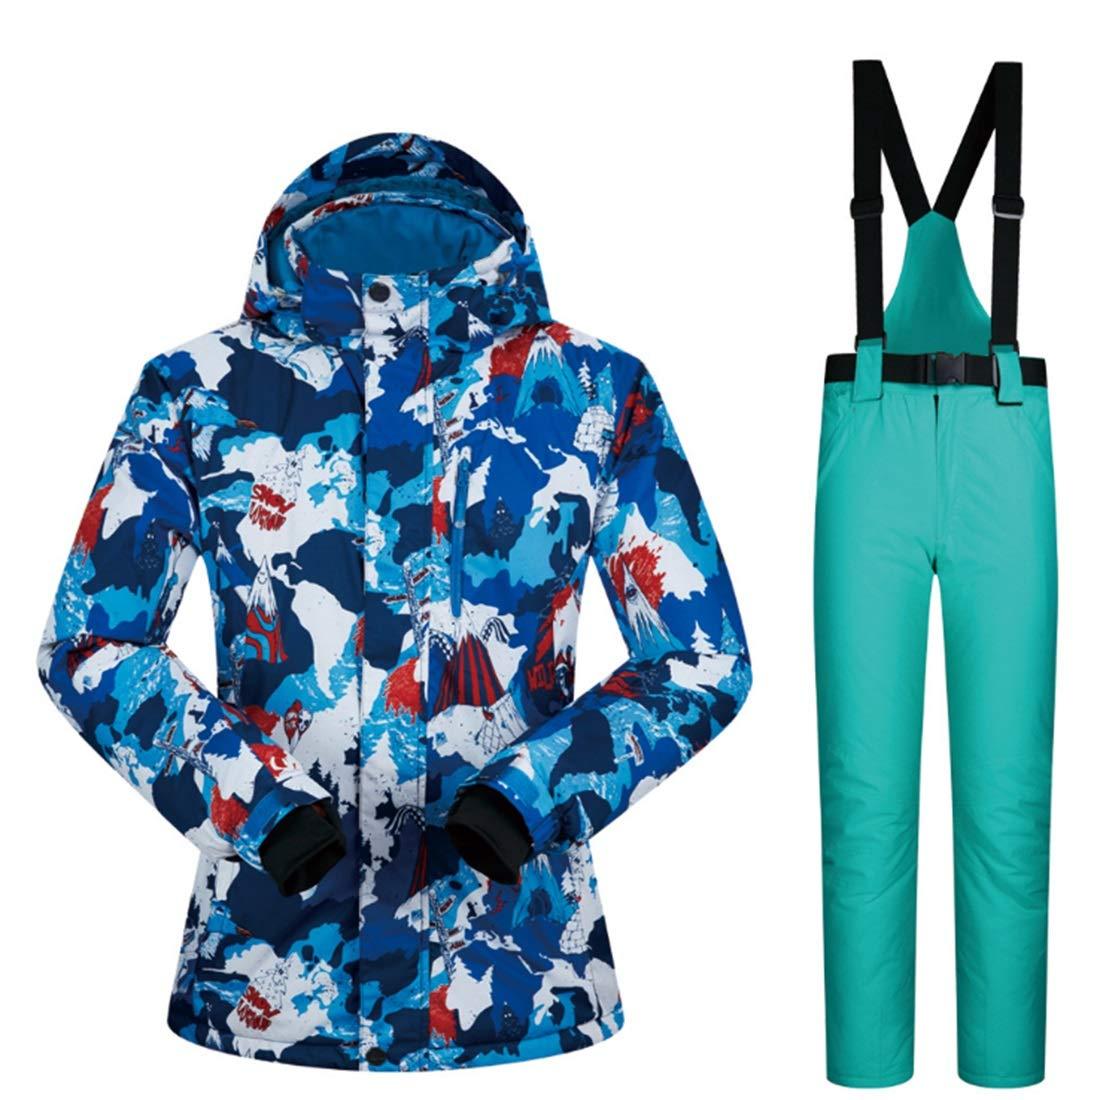 Ofliery Giacca da Sci per Snowboard Snowboard Snowboard Impermeabile e Traspirante da Esterno per Escursionismo a Basse Temperature (Coloree   02, Dimensione   XXXL)B07P1Y42BTXL 02 | modello di moda  | Aspetto estetico  | Conosciuto per la sua eccellente qualità  | Miglio 69f65b